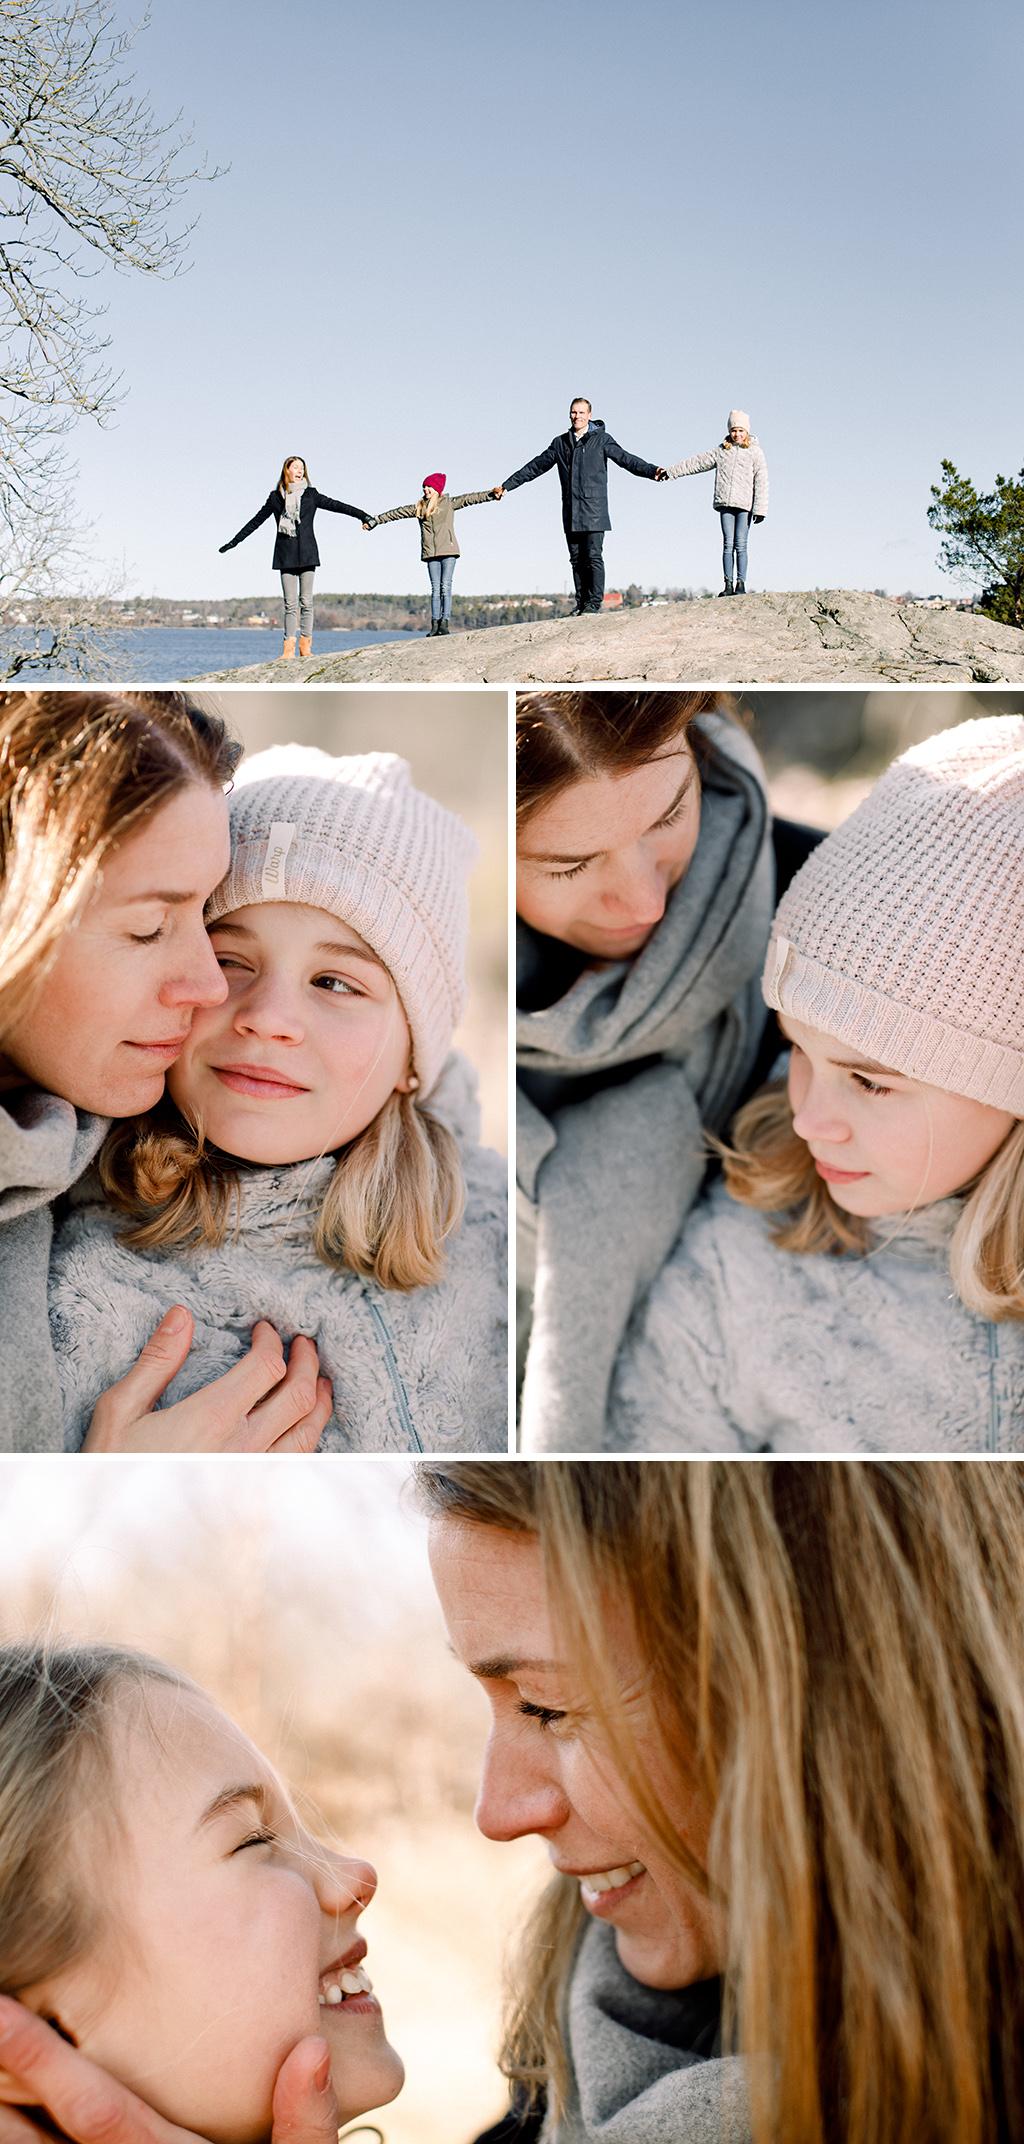 Mellanarstid_familjefotografering_Stockholm_AnnaSandstrom_3.jpg